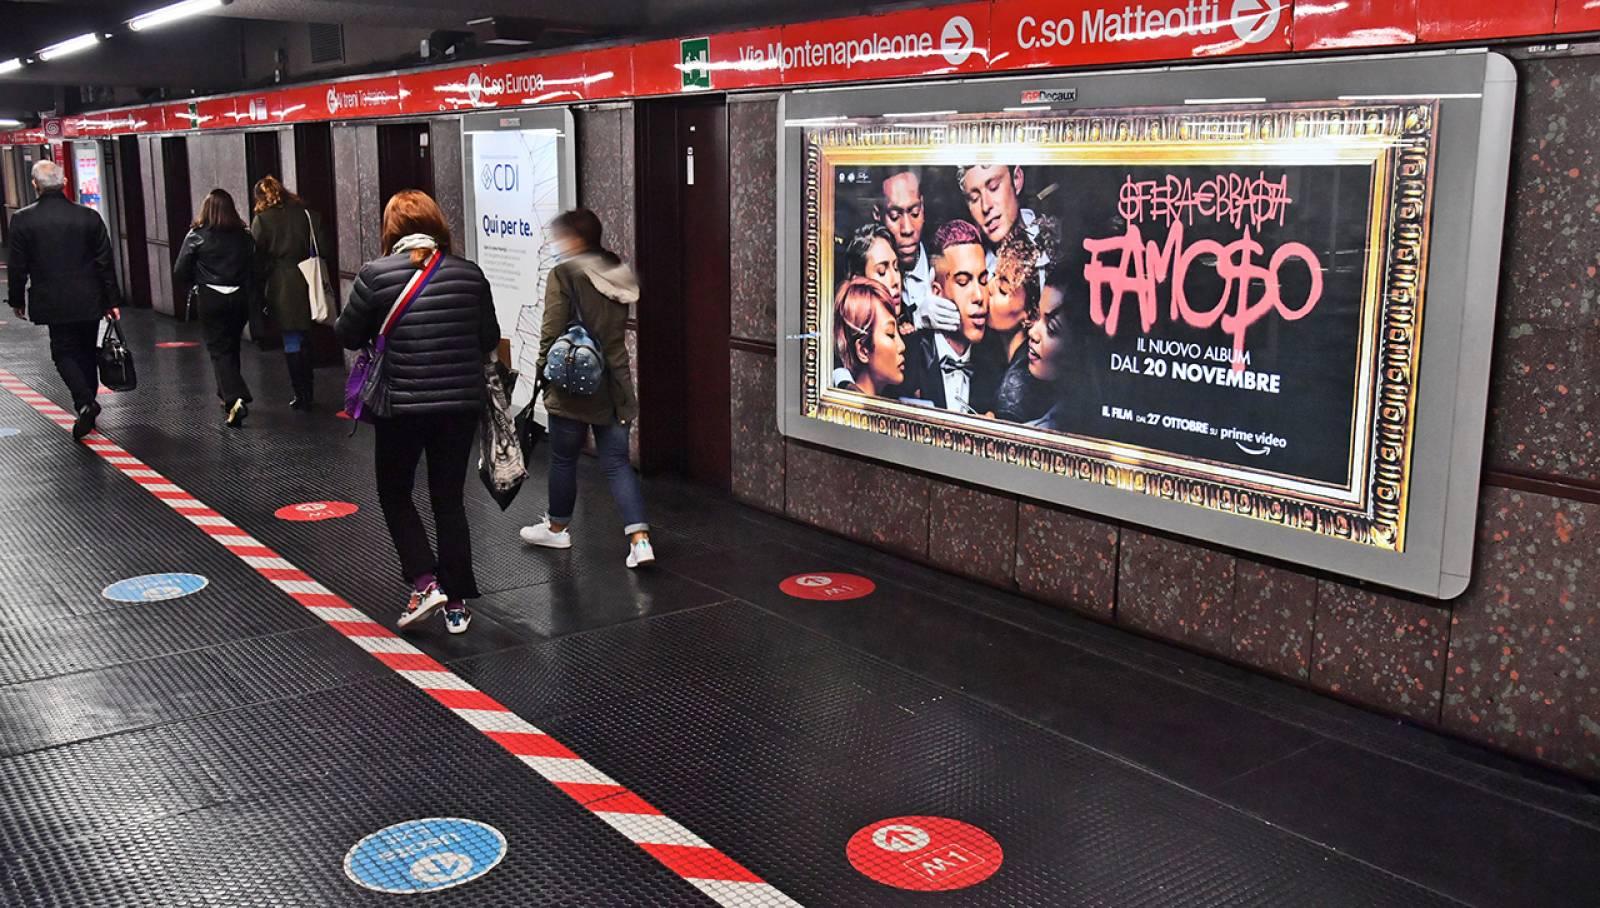 Pubblicità OOH metro milanese IGPDecaux Circuito Maxi per Sfer Ebbasta